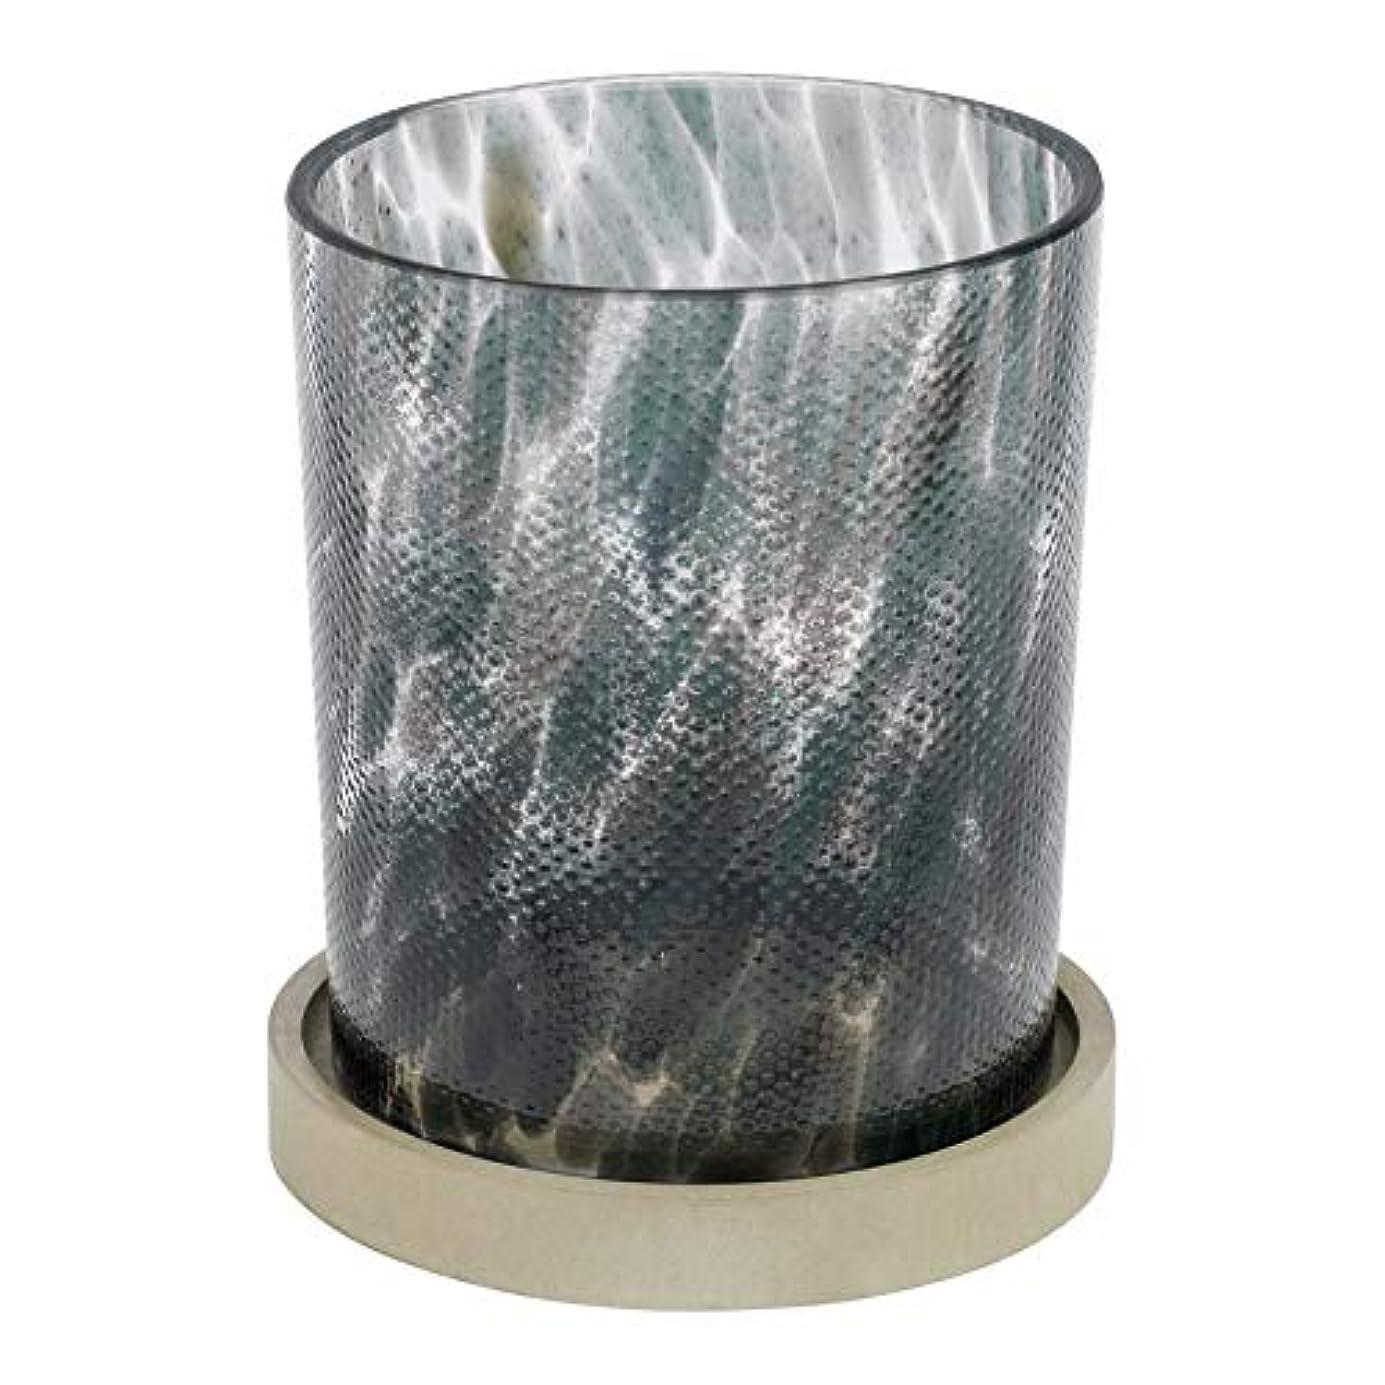 持続的不公平関税[Diptyque] Diptyque黒ラBazareデュTrente-キャトルキャンドルホルダー - Diptyque Black La Bazare du Trente-Quatre Candle Holder [並行輸入品]